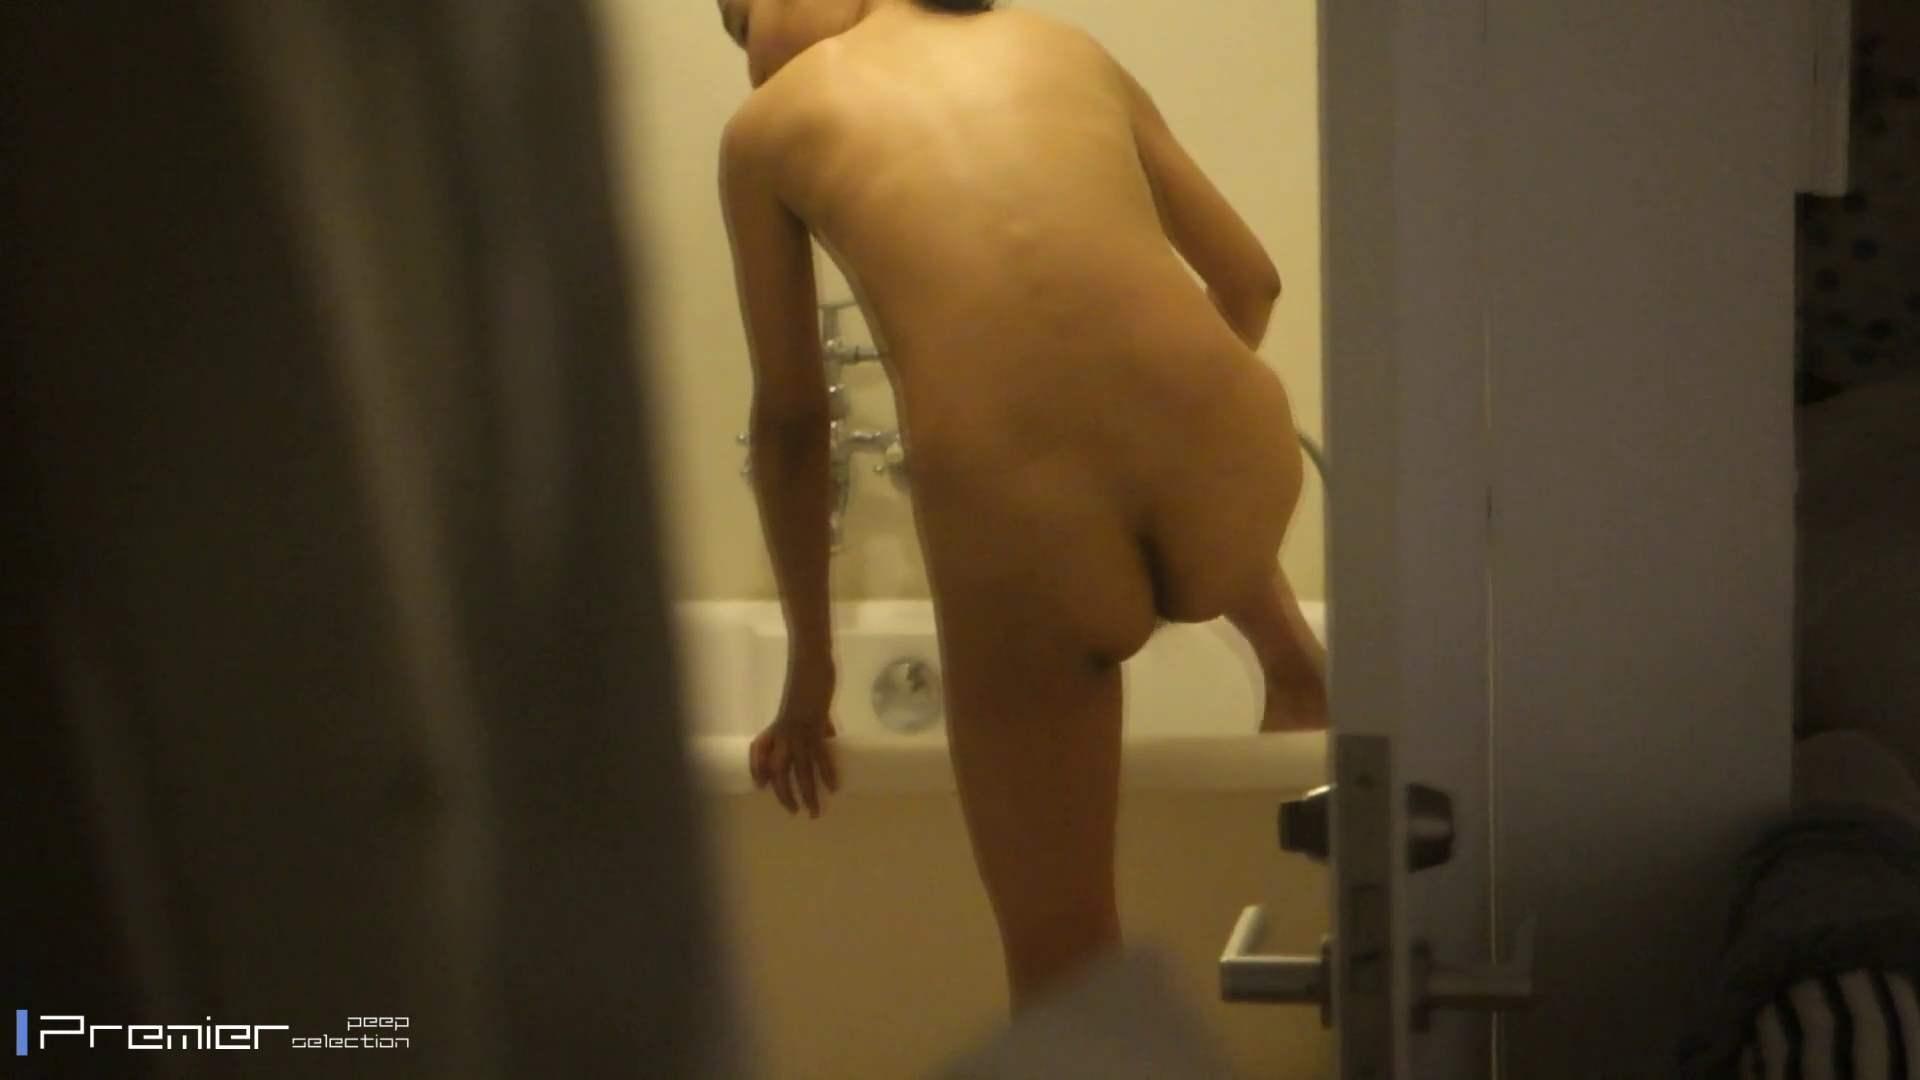 美女達の私生活に潜入!現役美人モデルの入浴シーン 美乳 ワレメ動画紹介 104画像 21